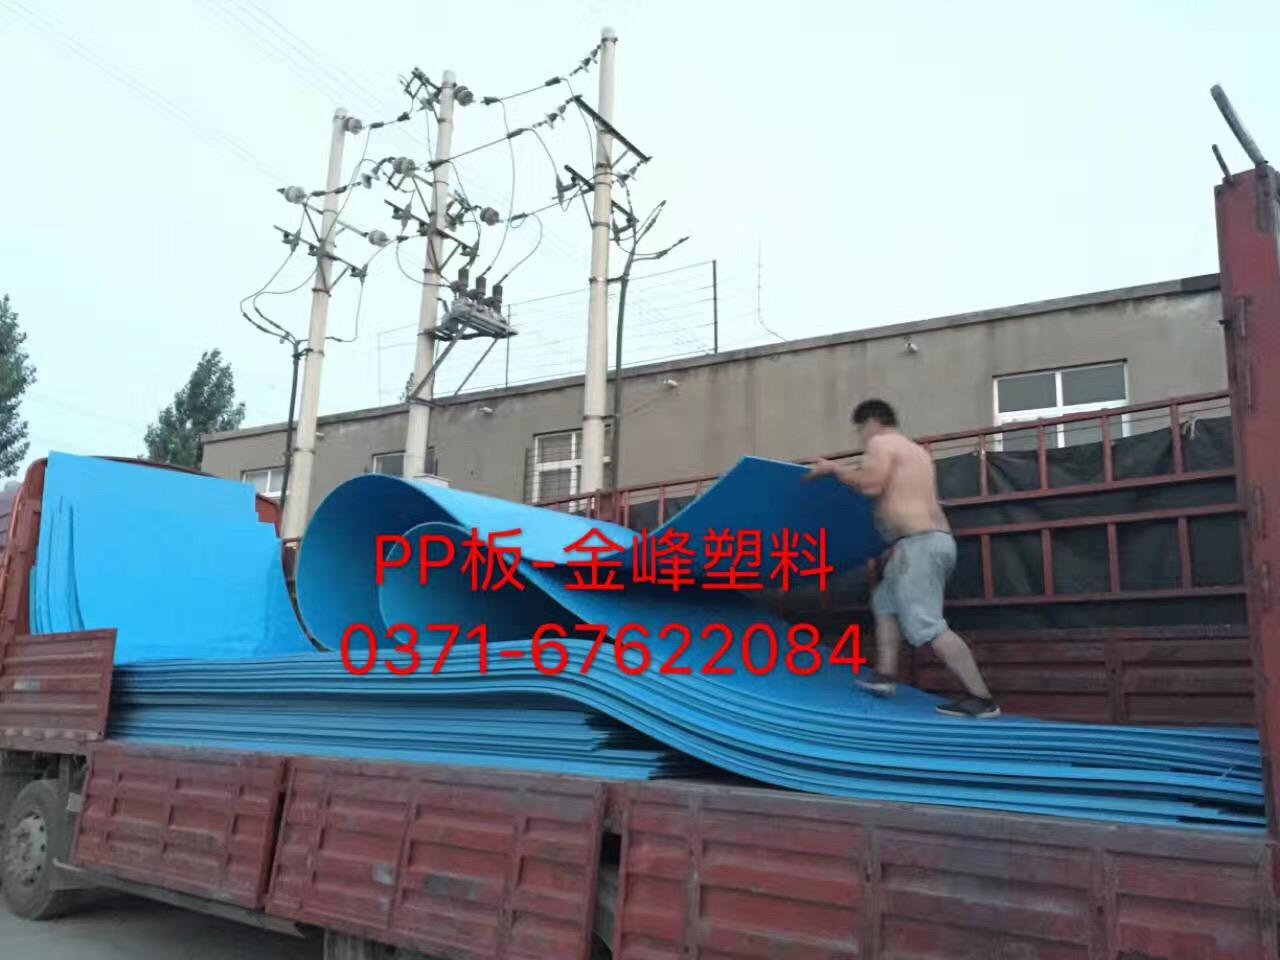 江西pp板材 卓着的pp板材生产厂家就是郑州金峰塑料